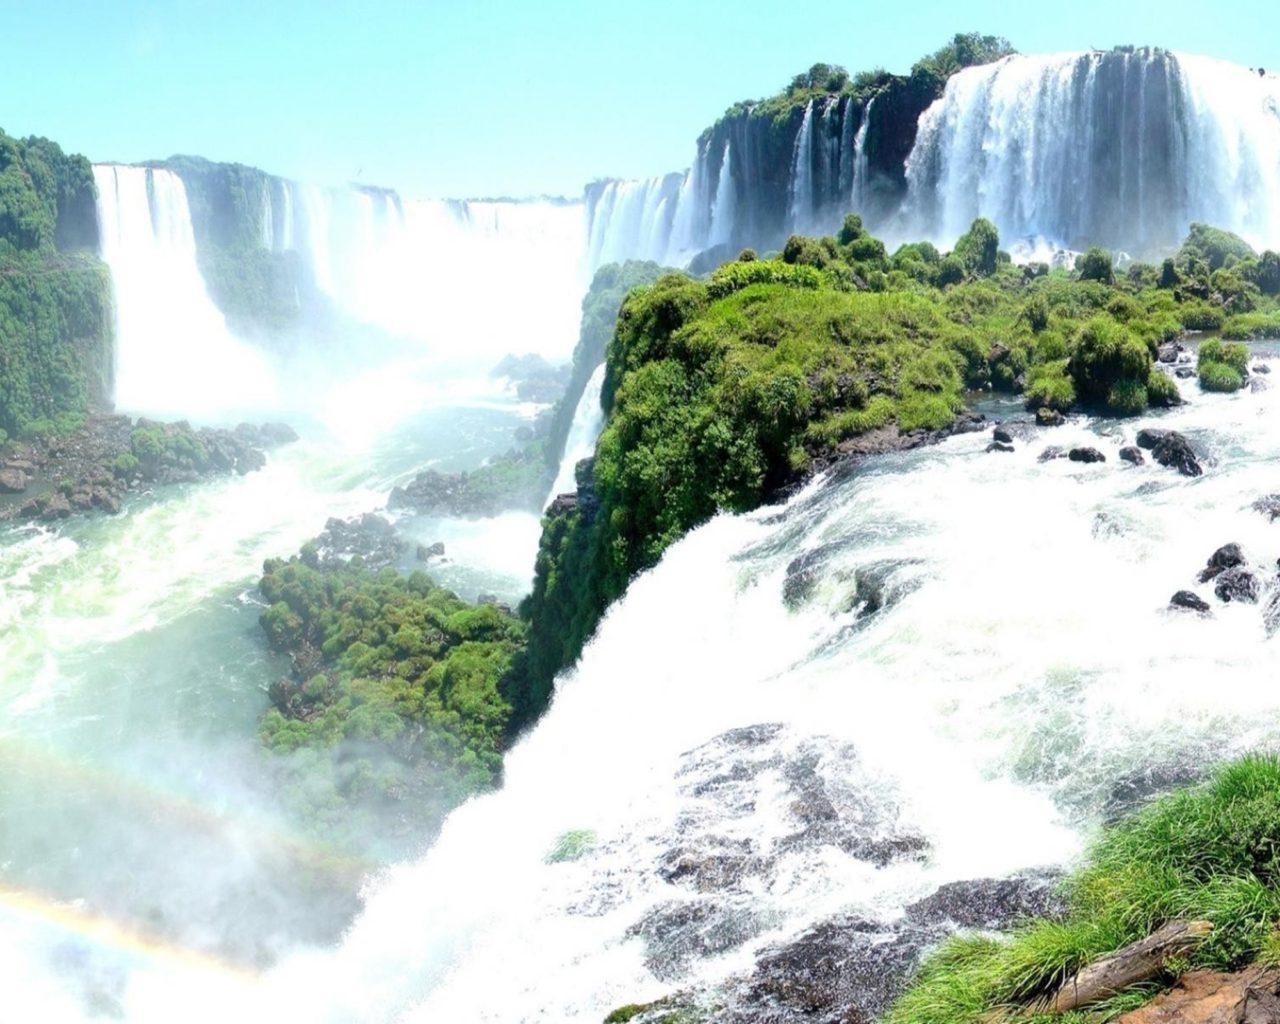 Iguazu Falls Wallpaper 1920x1200 Landscape Waterfall Rocks Trees Hd Wallpaper Iguazu